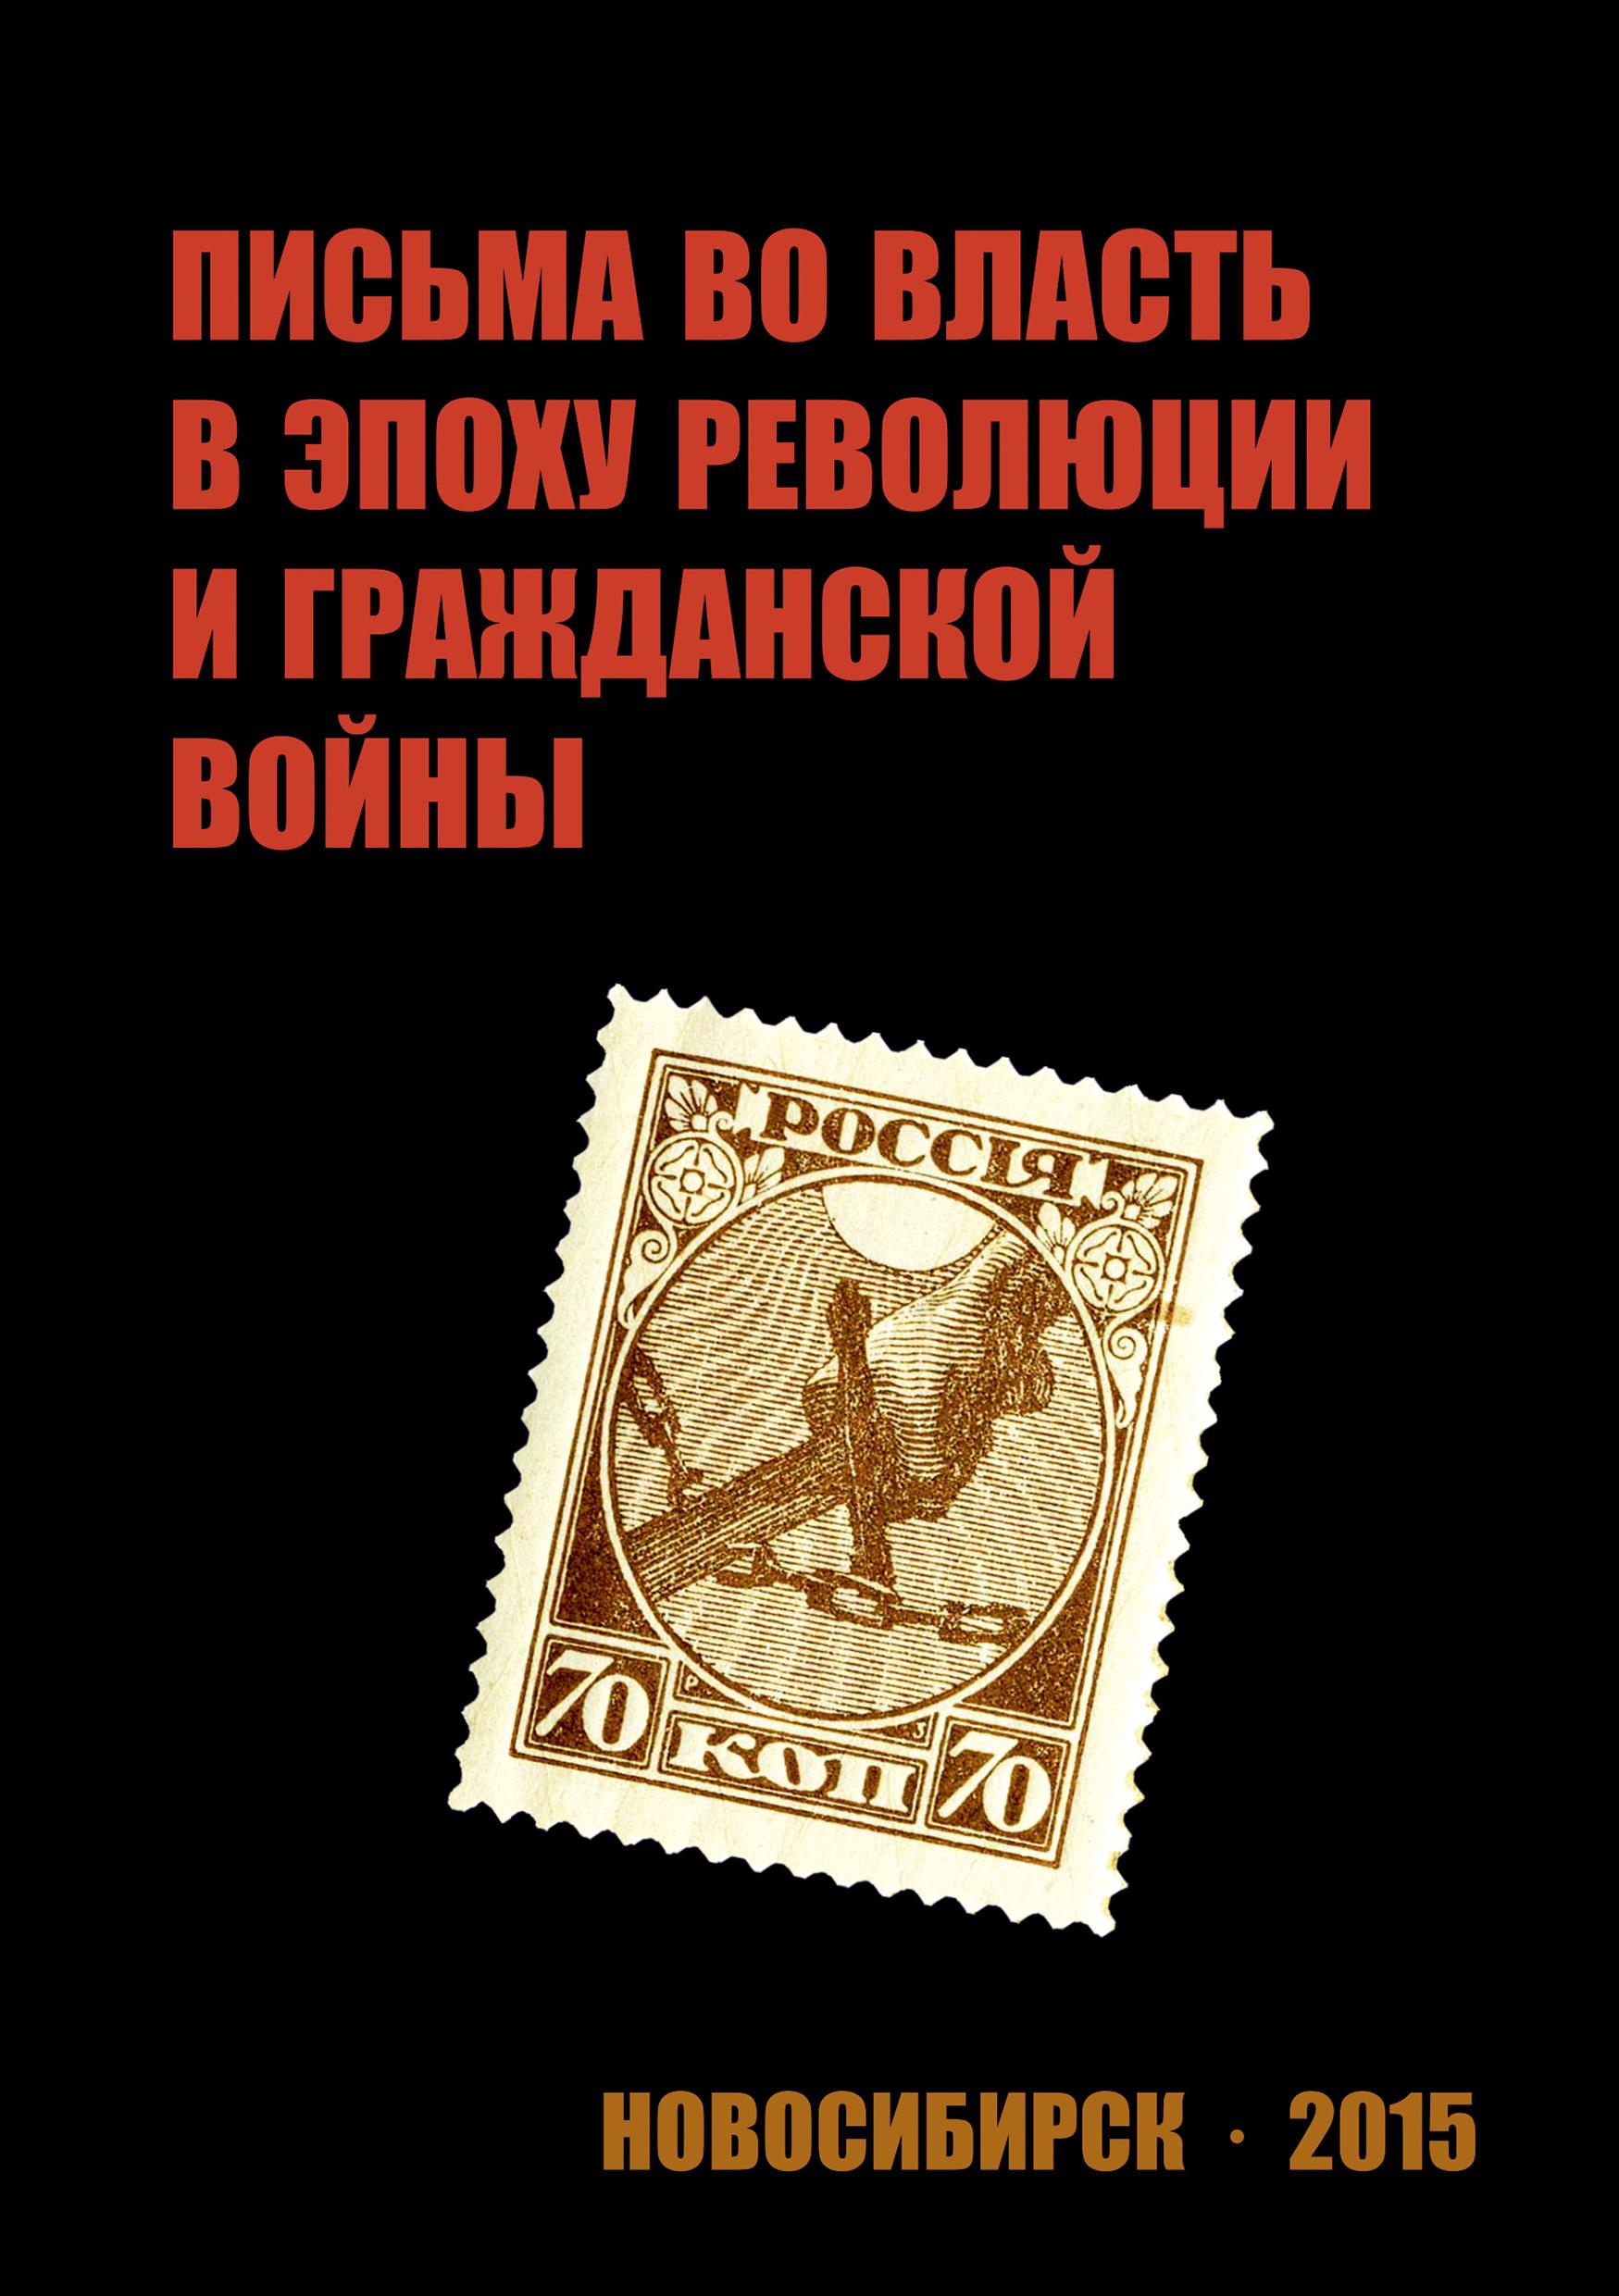 Письма во власть в эпоху революции и гражданской войны (март 1917 – ноябрь 1919 г.).